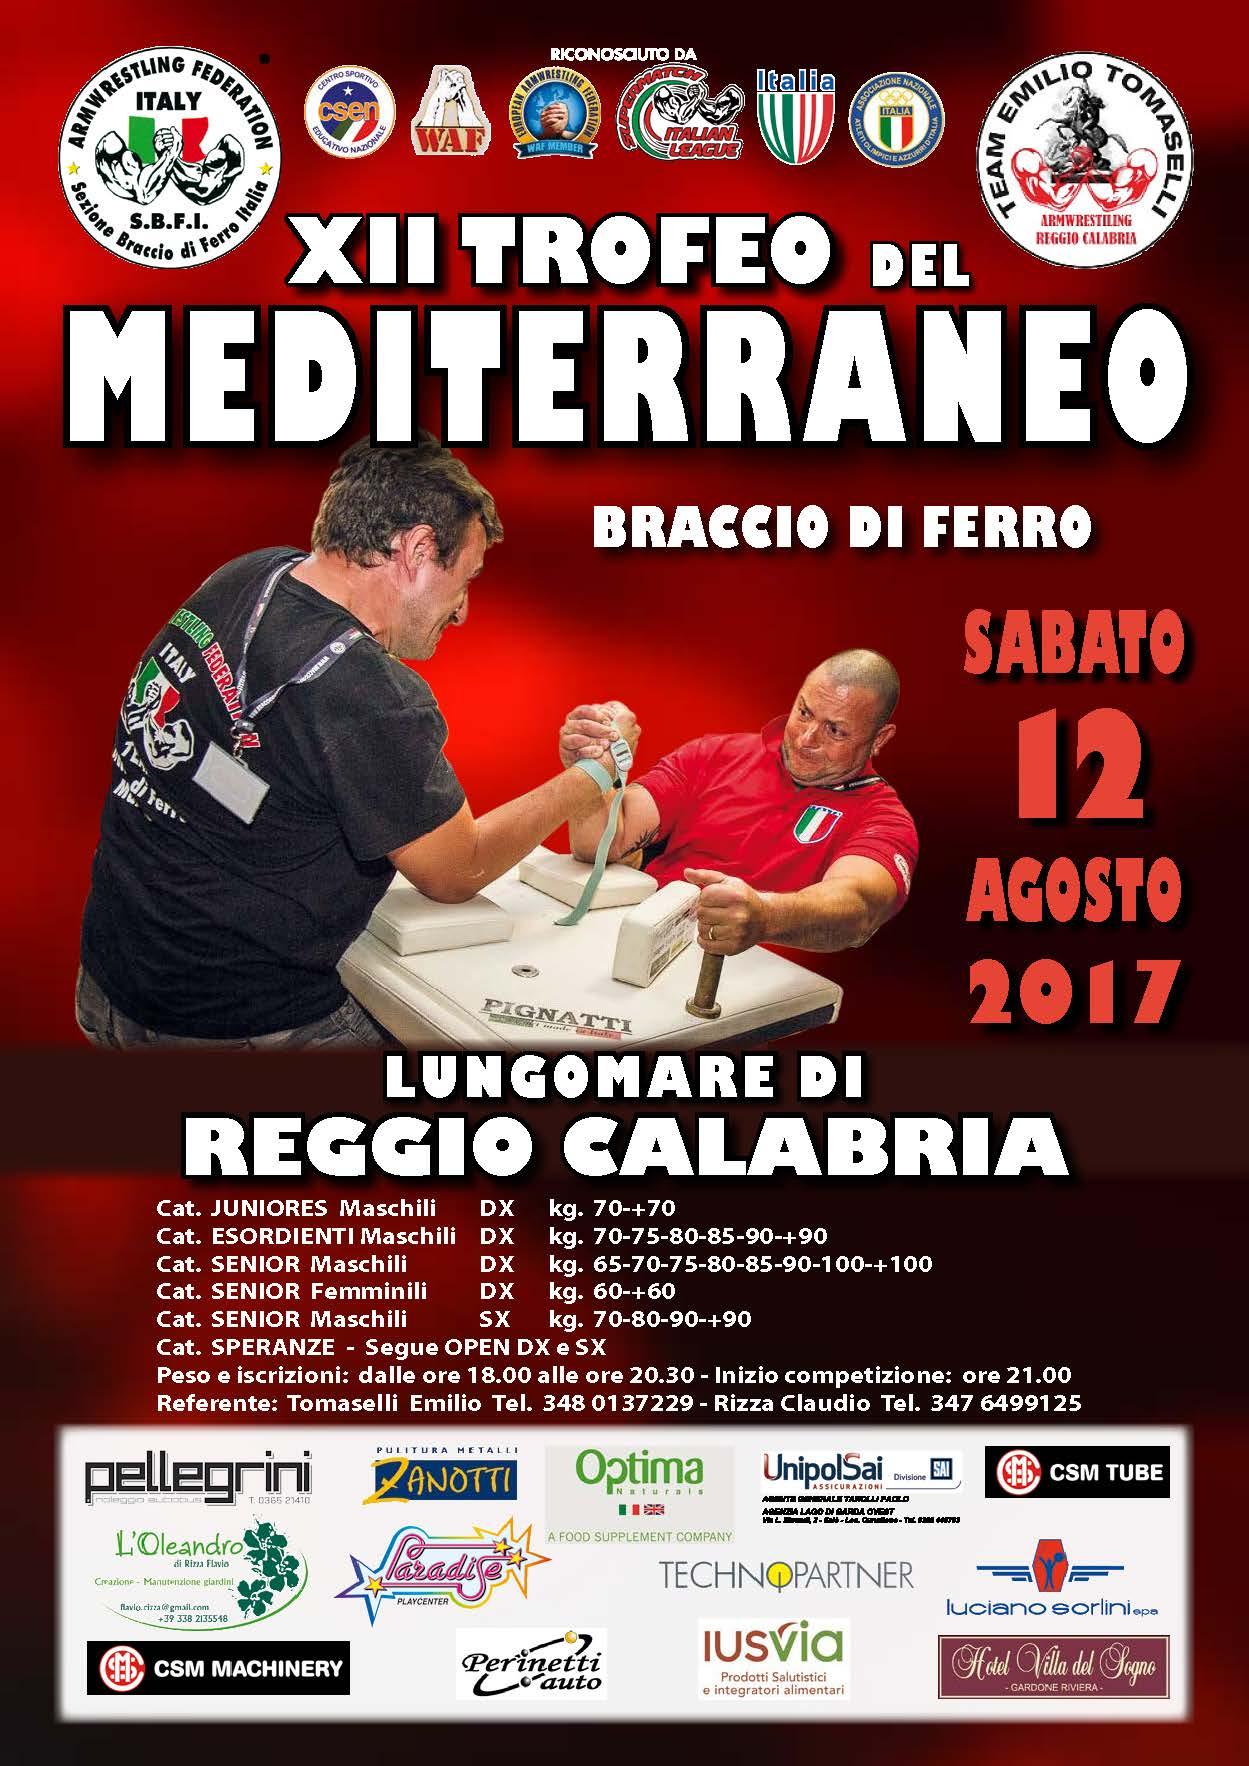 Trofeo del Mediterraneo